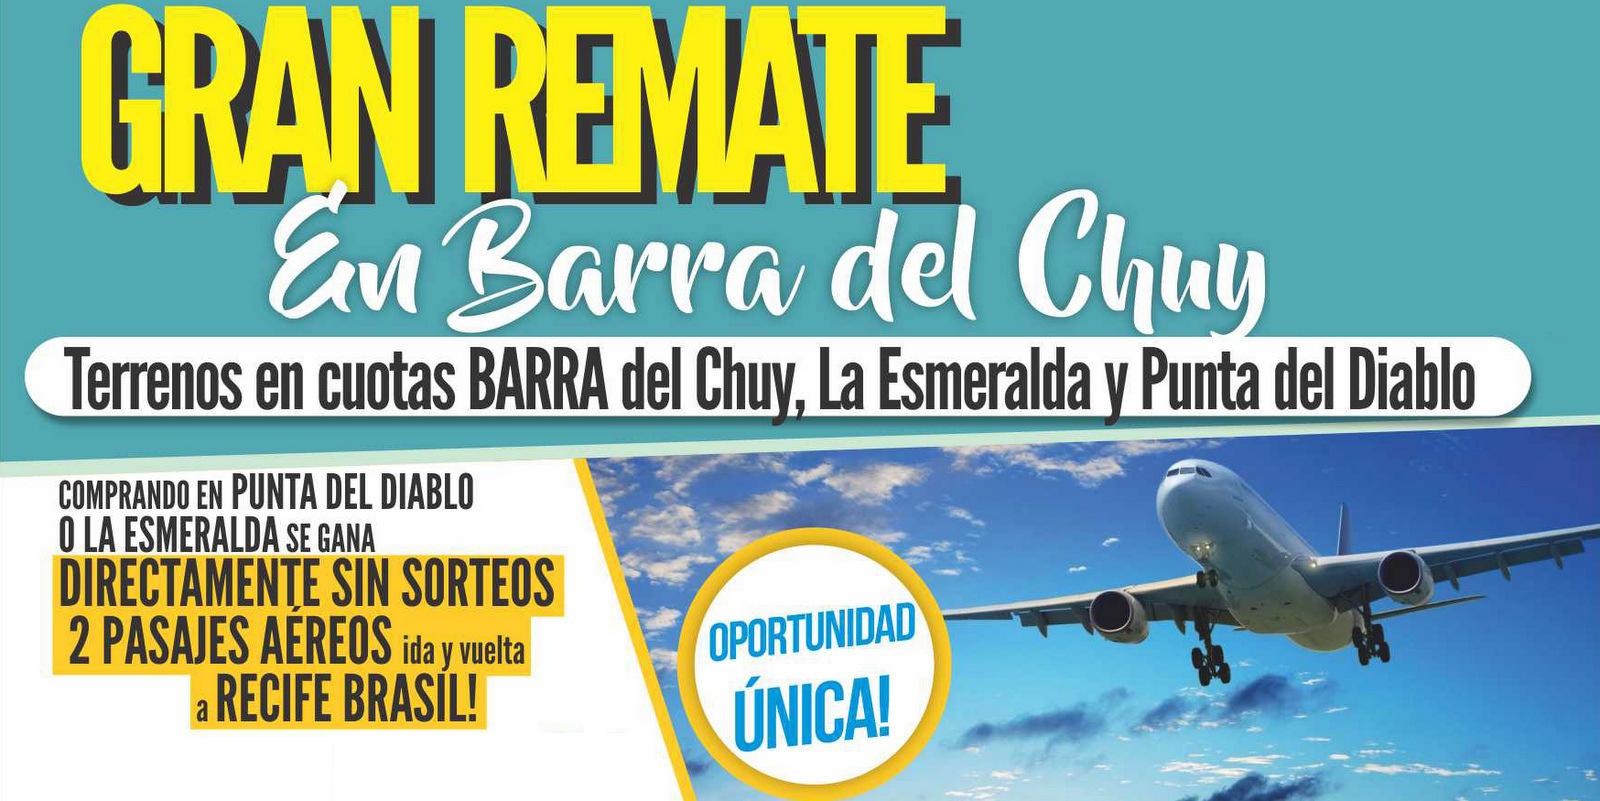 Remate de 40 solares ubicados en Barra del Chuy, Punta del Diablo y La Esmeralda!